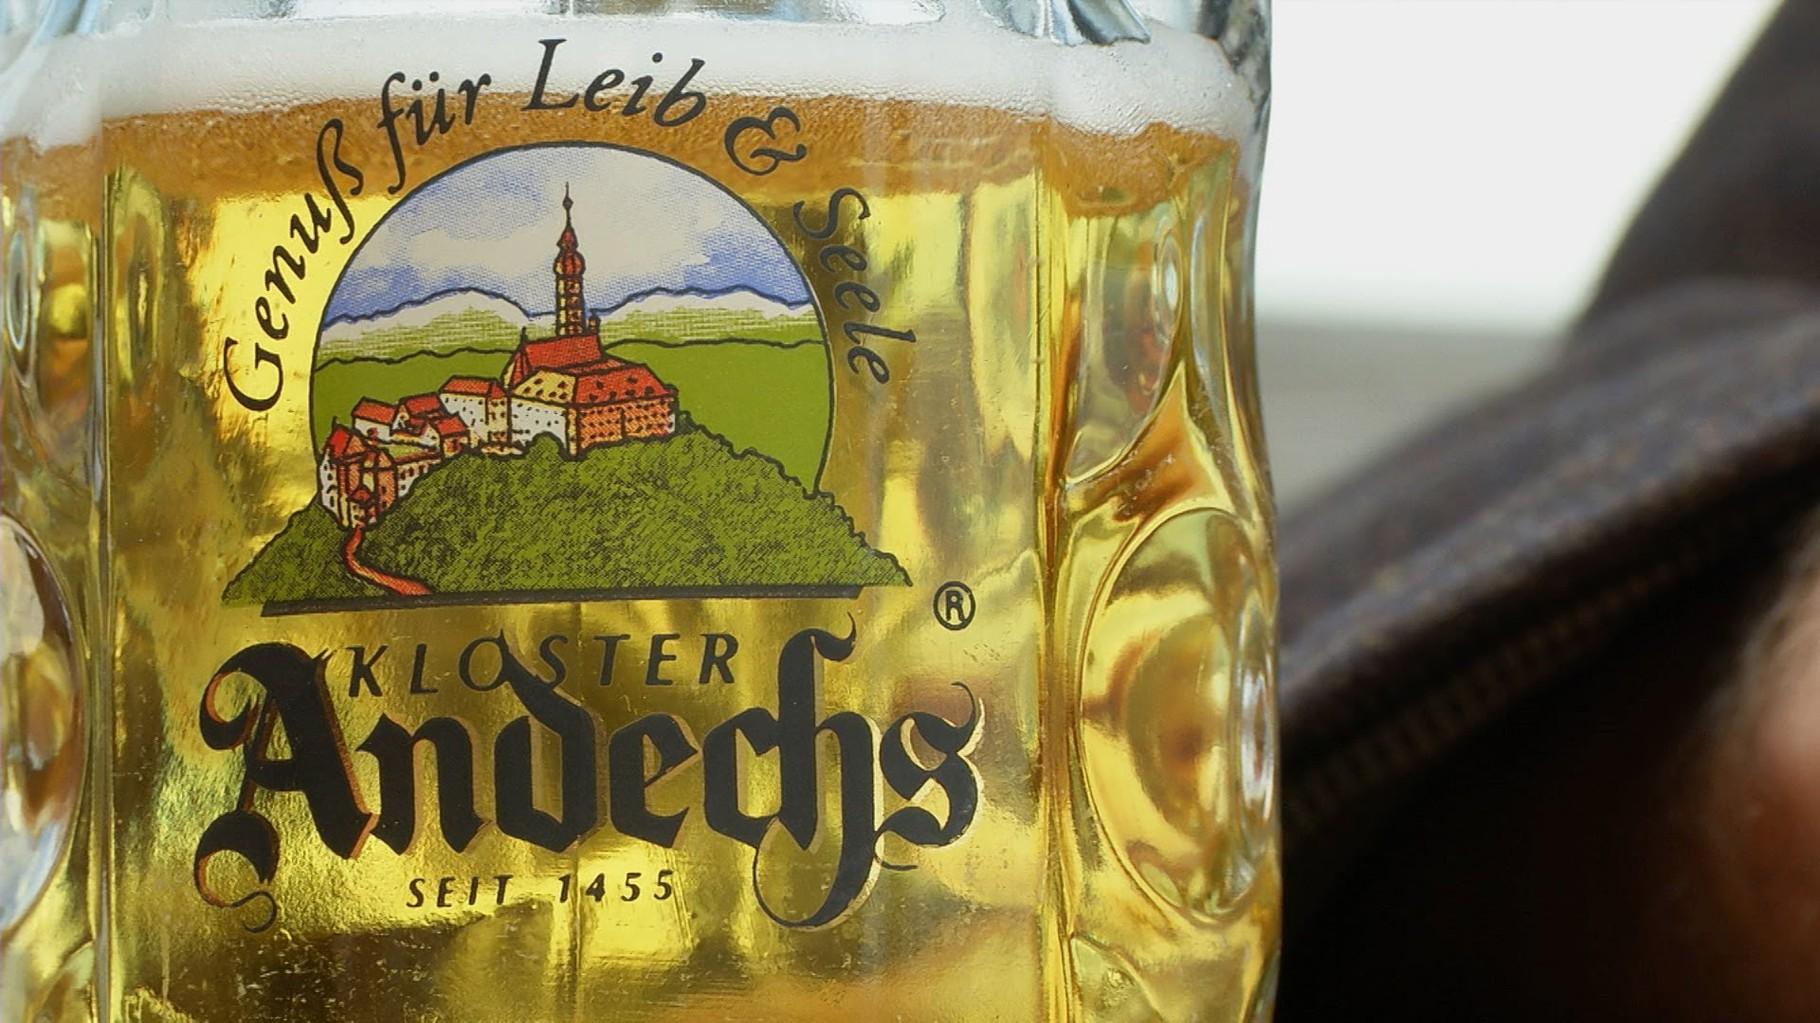 Andechser Klosterbier